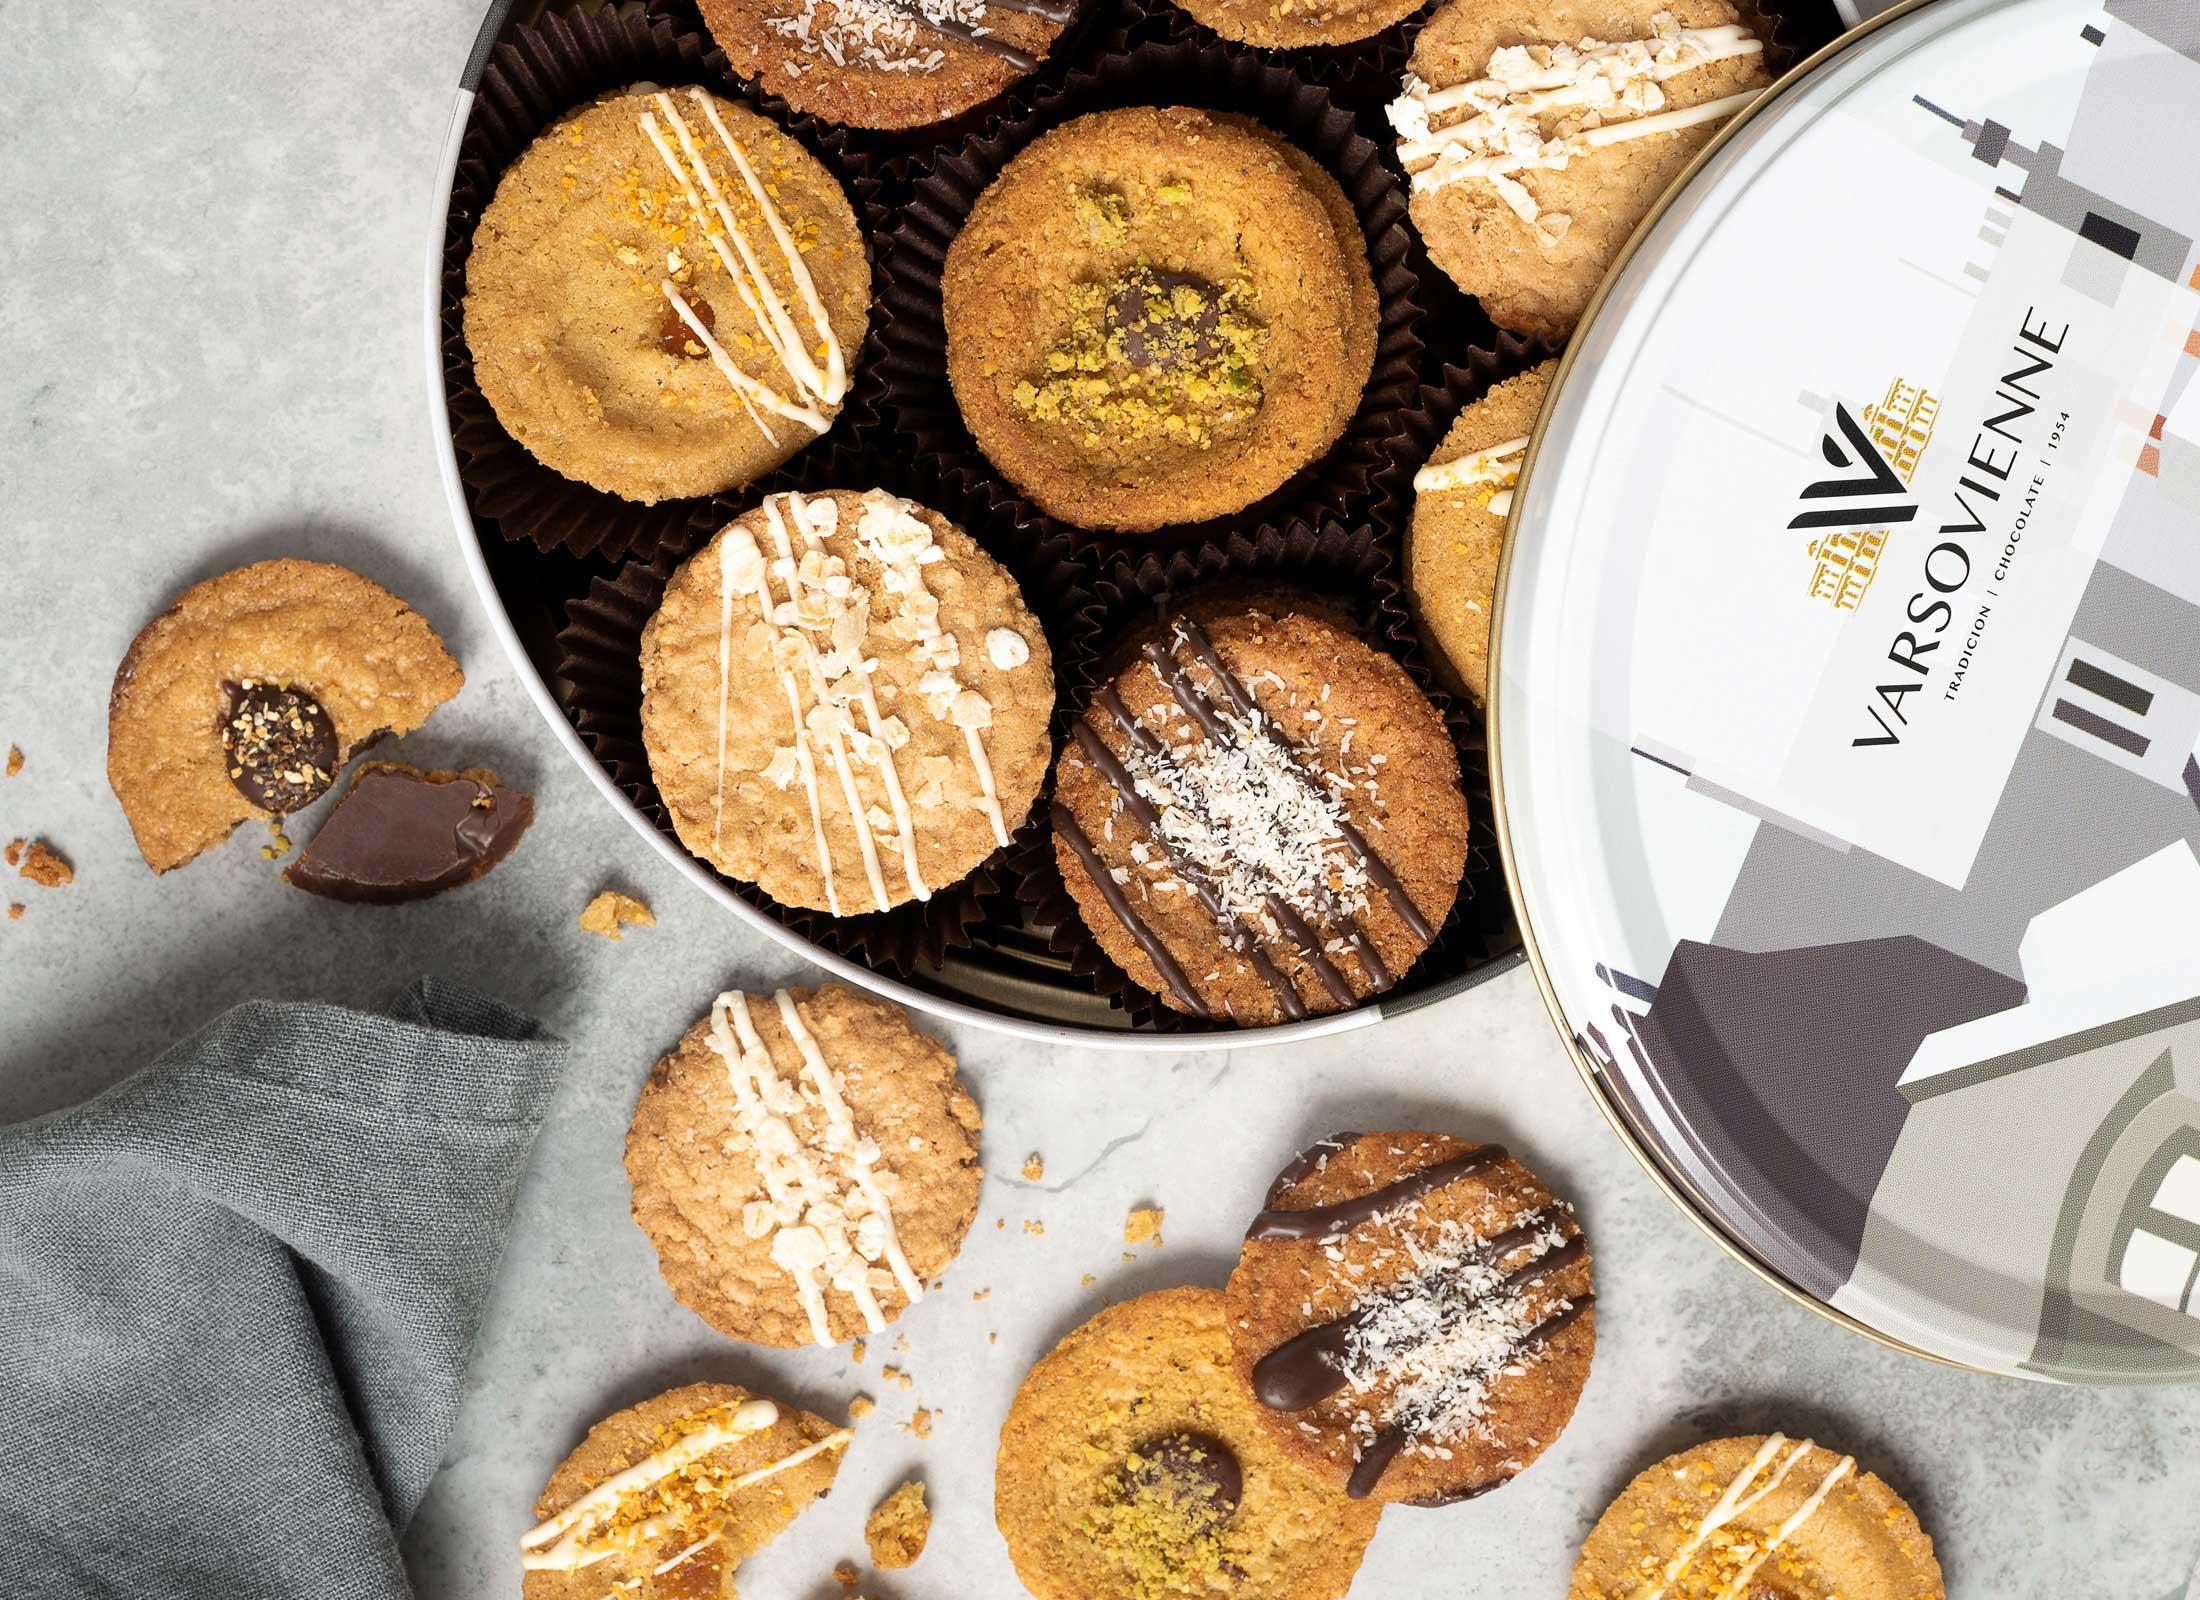 galletas-surtido-sabores-packaging-varsovienne-estudio-como